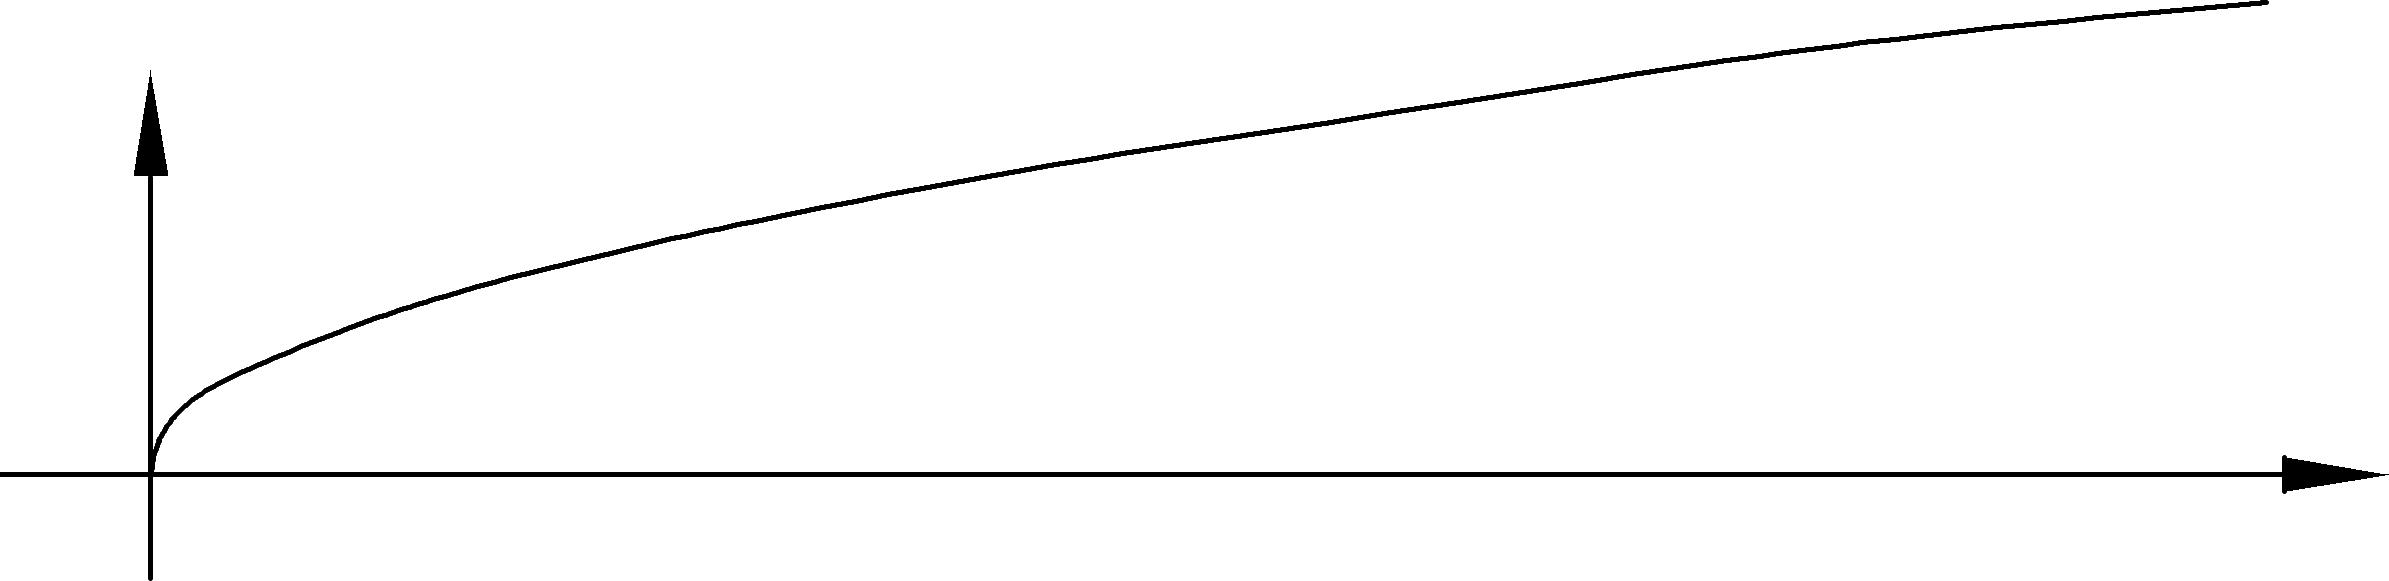 Чертежи для рефератов и курсовых СТУДЕНТОРИЙ степенные функции графики функций чертежи